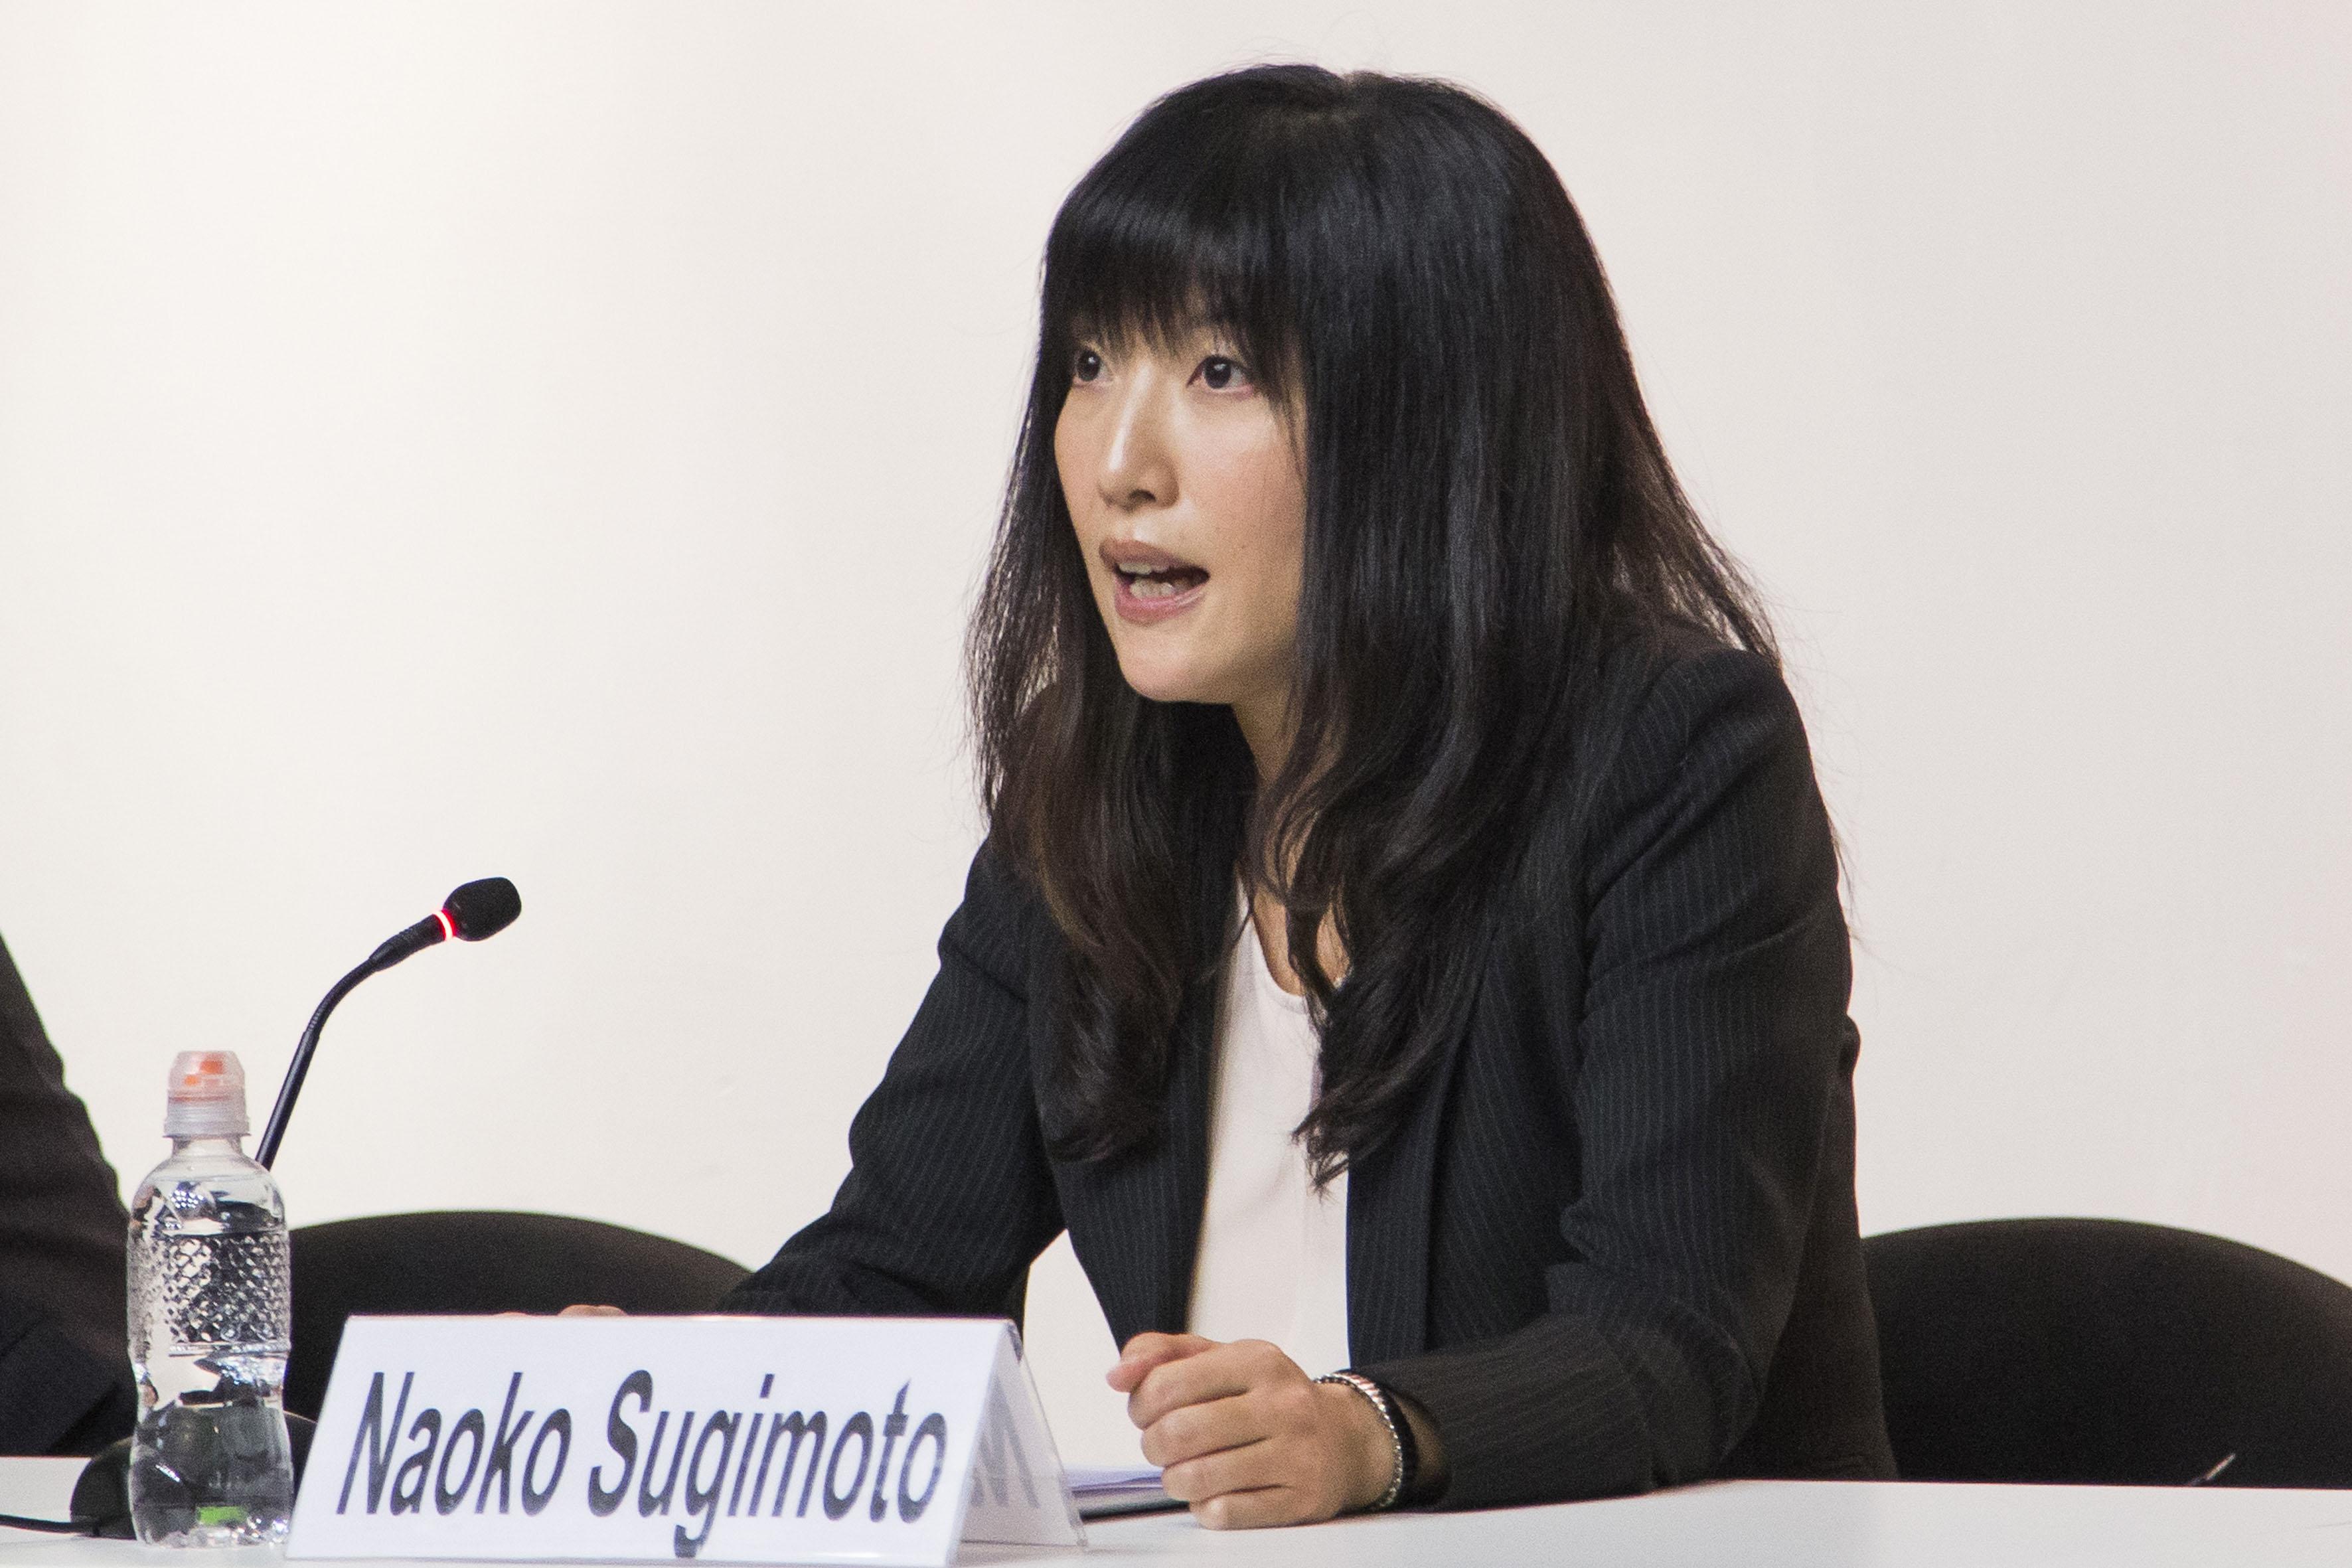 Licenciada Naoko Sugimoto, directora de la Fundación Japón en México, panelista participante en el evento, haciendo uso de la palabra.